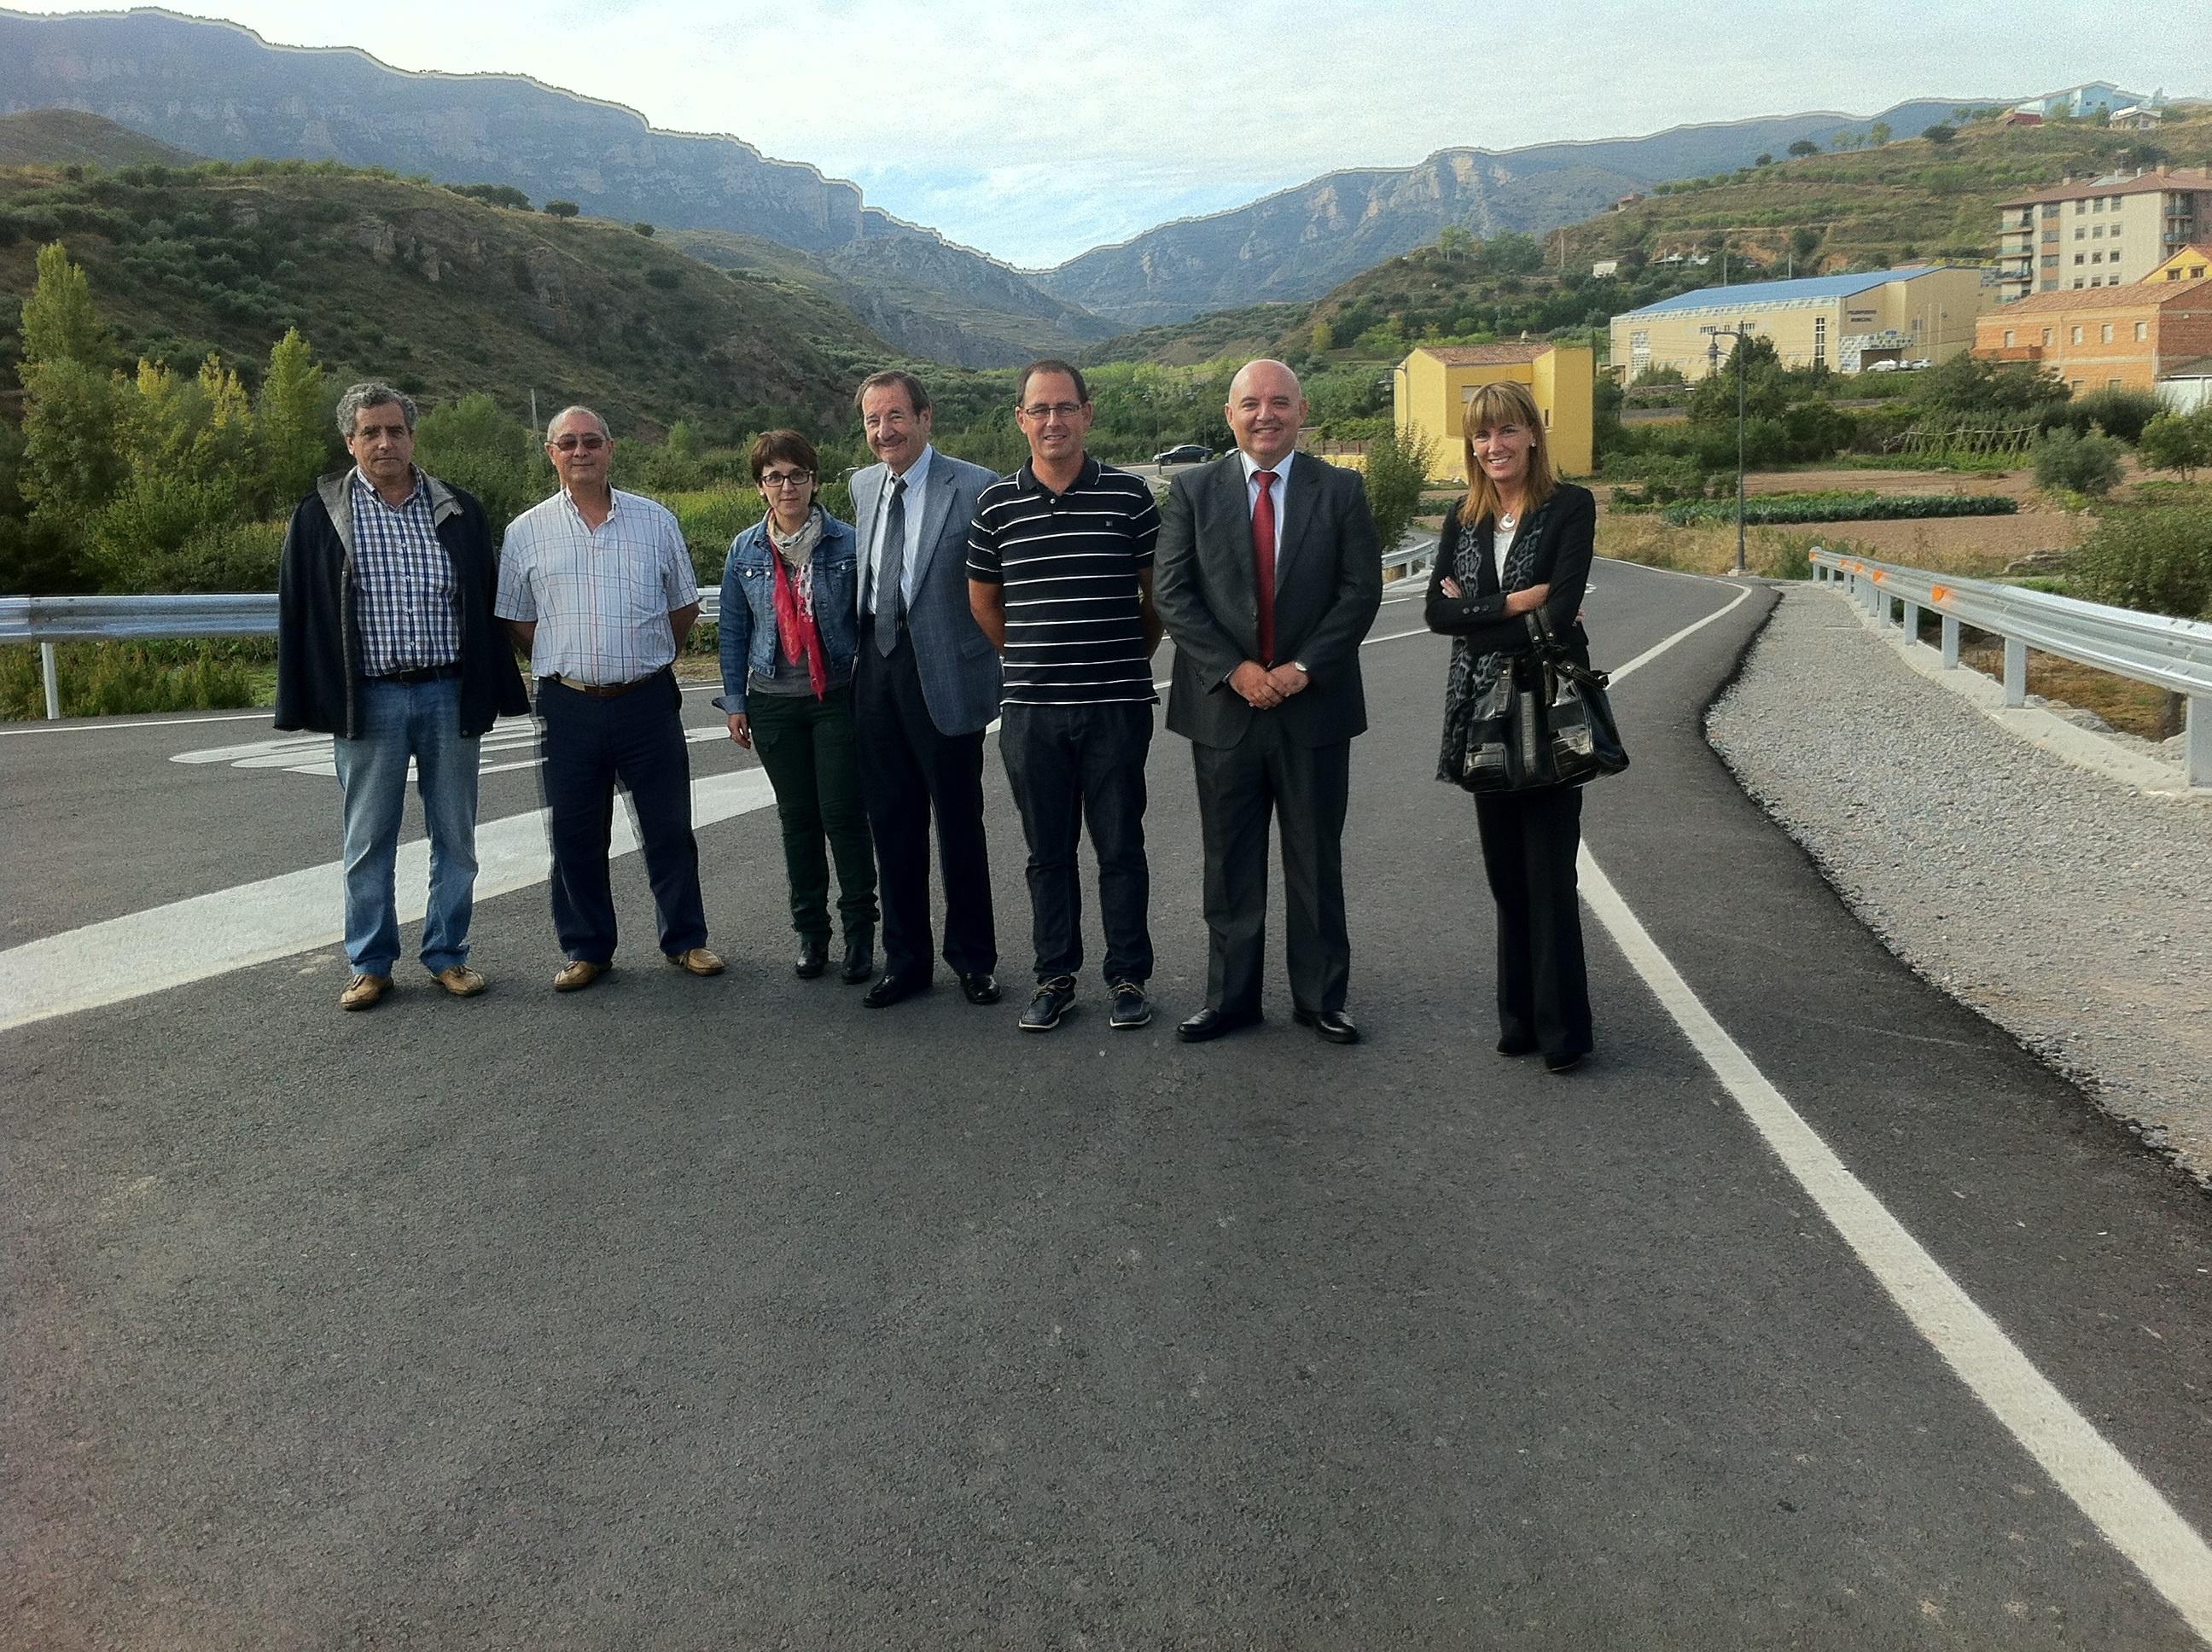 Obras Públicas invierte 124.000 euros en la mejora de la seguridad vial en un punto de la carretera LR-439 en Ribafrecha